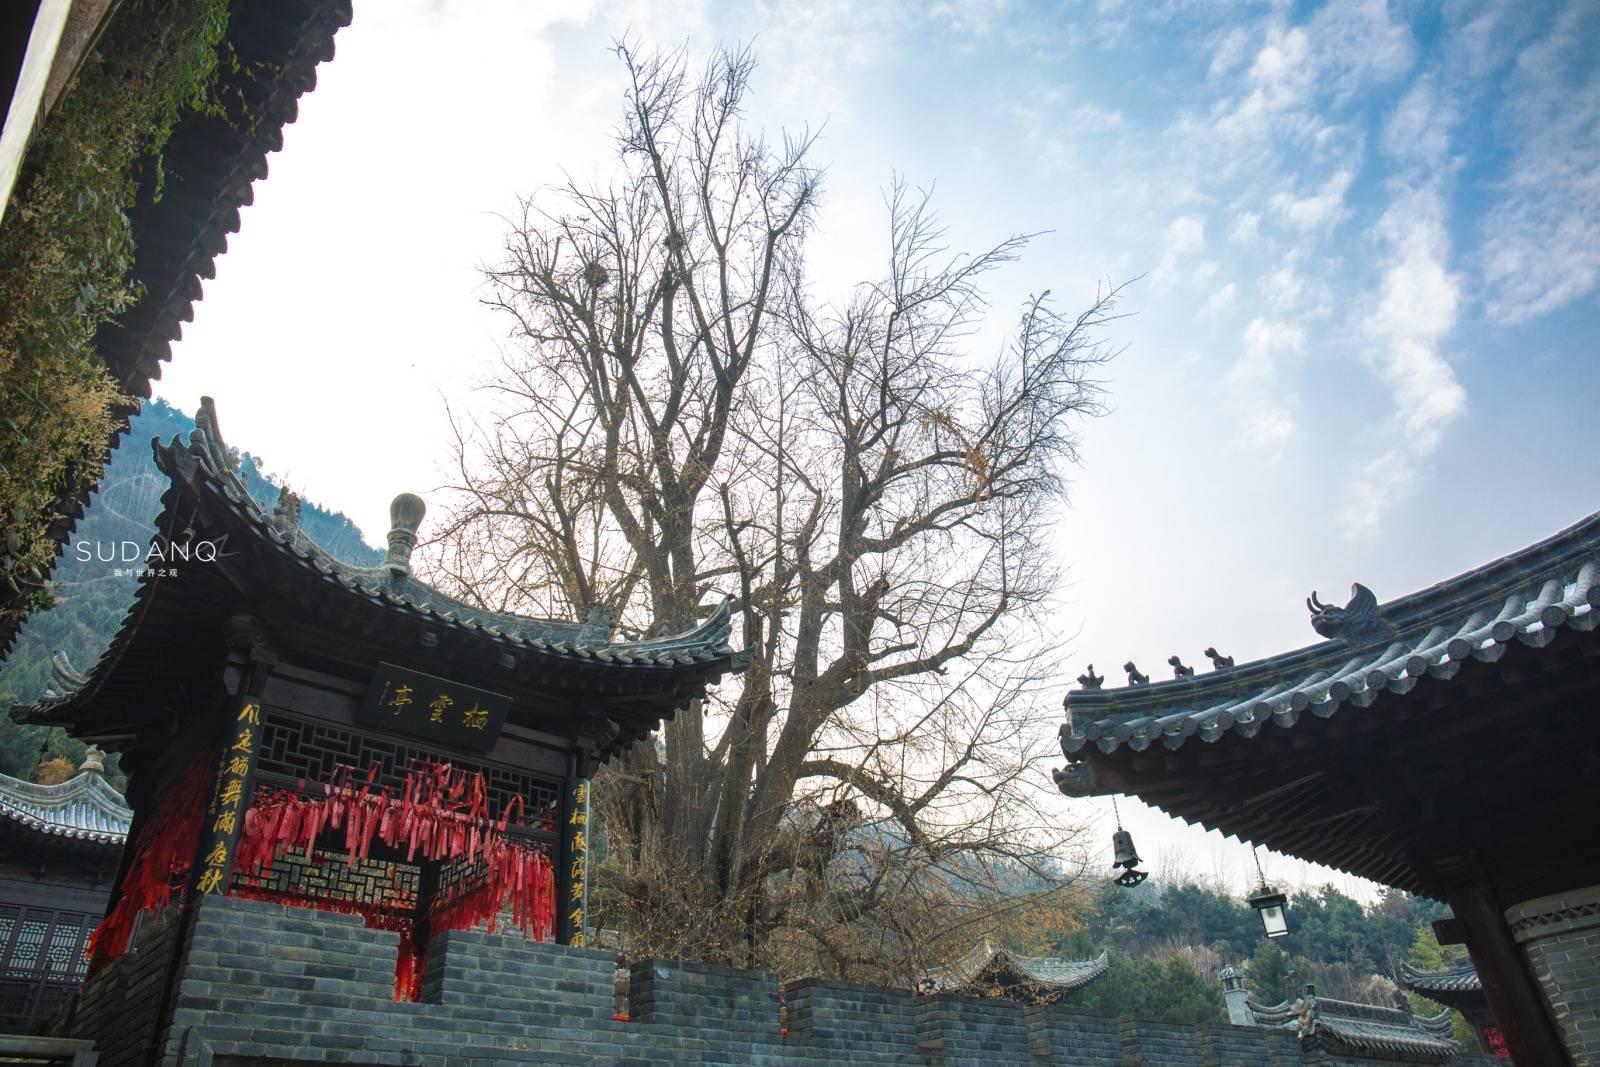 原创             终南山下这座千年古刹,因一棵树火遍网络,但谢绝观光旅游团体